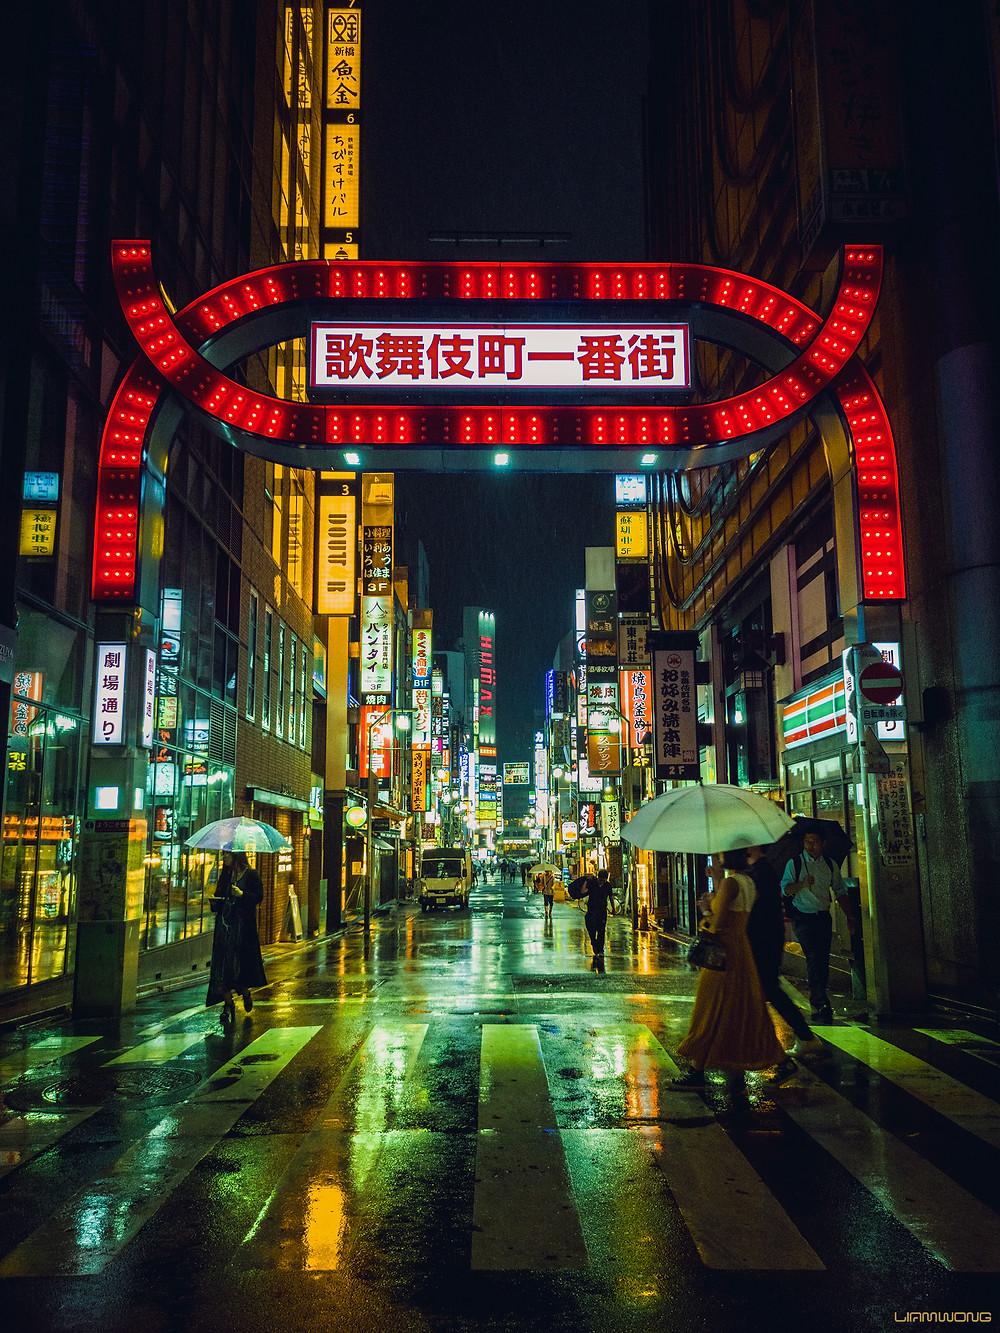 Immagine scattata con un Huawei P20